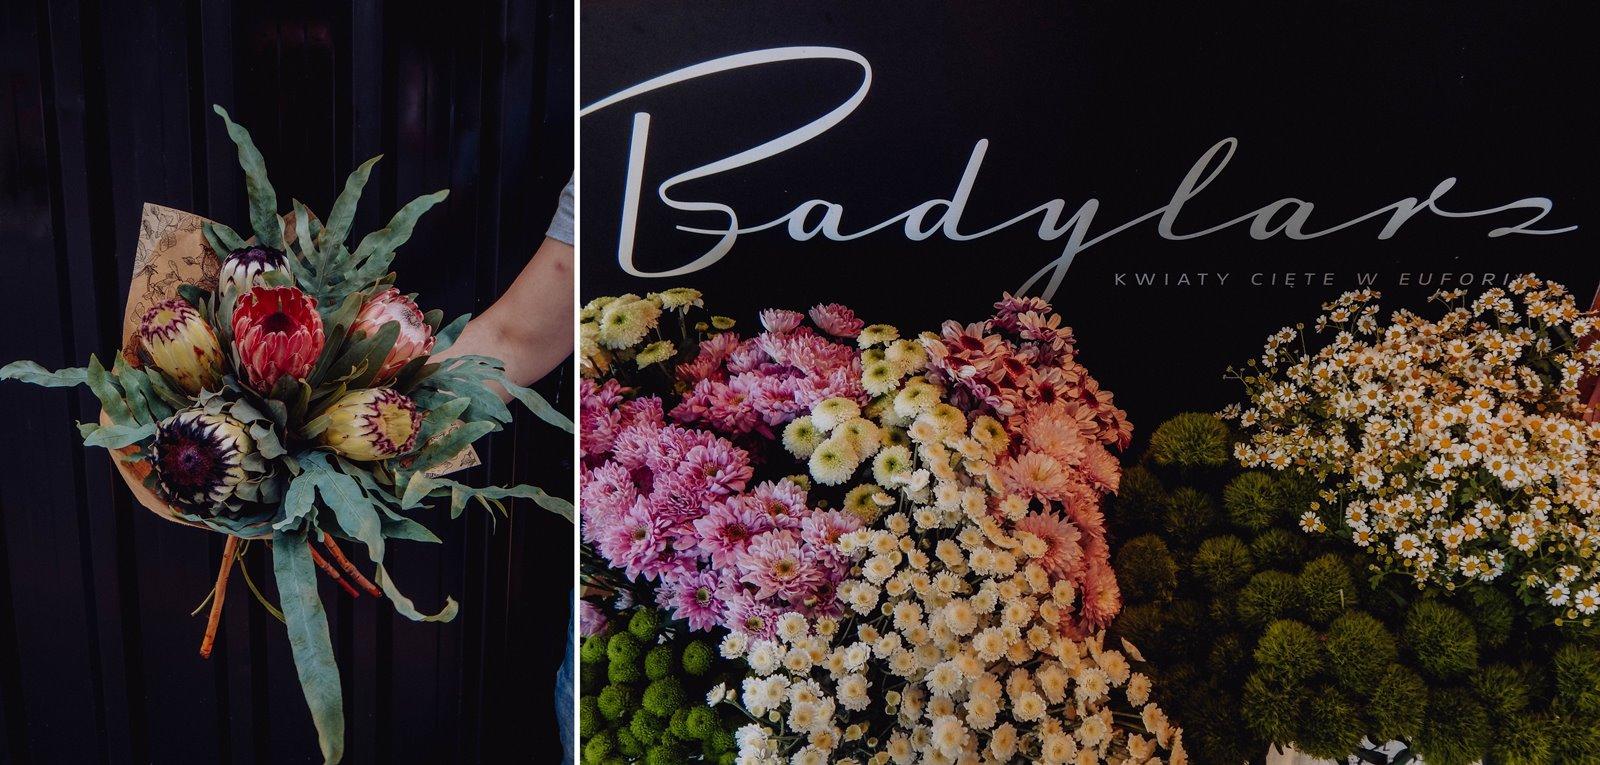 1 badylarz kwiaty cięte w euforii łódź najlepsze kwiaciarnie wywiad pomysł na biznes blog blogi łódzkie blogerka z łodzi lifestyle ceny pomysły na bukiety kwiaty inspiracje weselne kwiaty bukiety